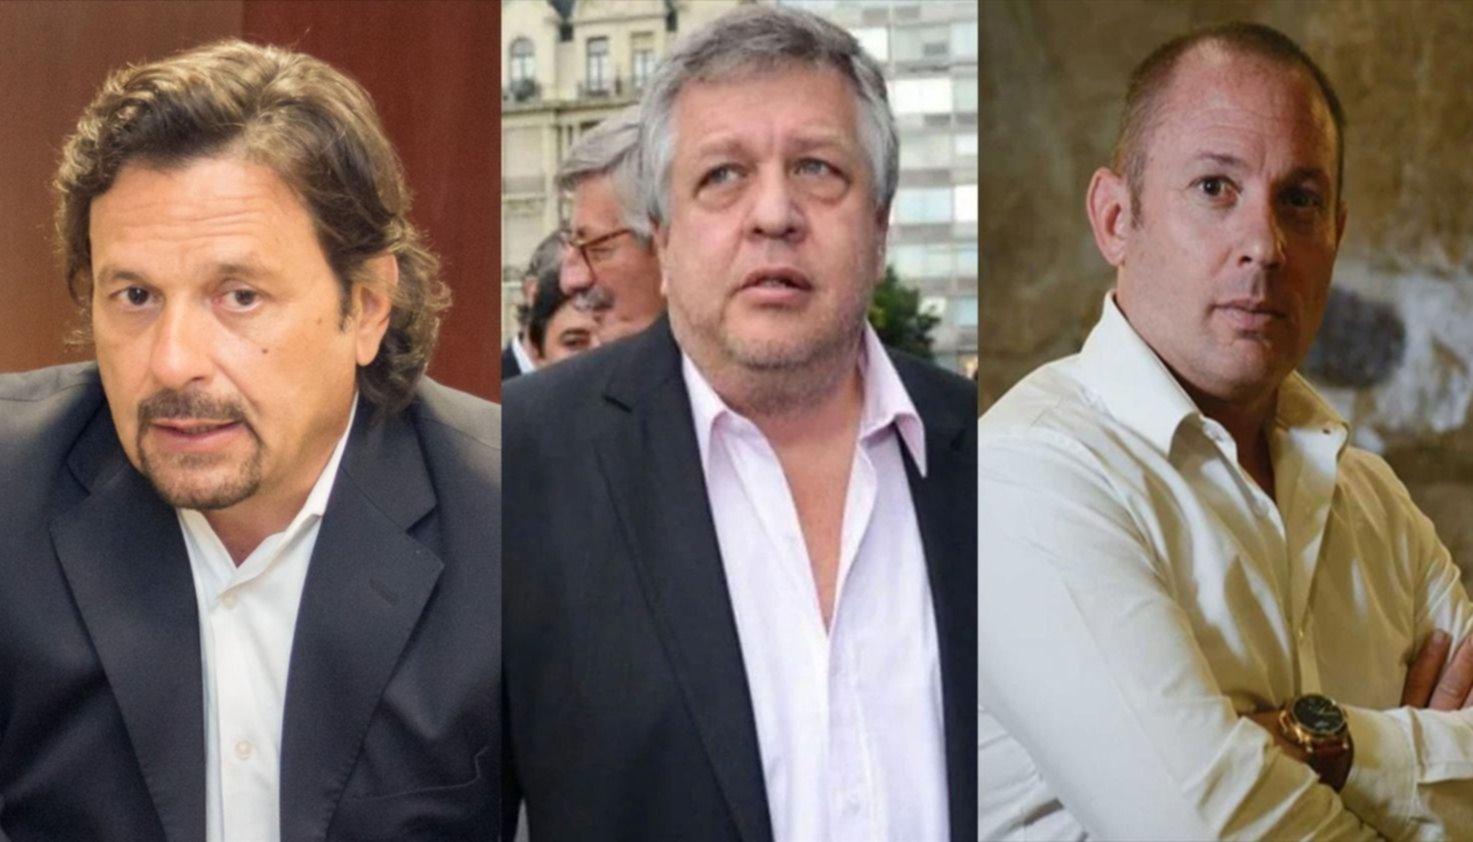 """Stornelli: """"Es una patraña y Sáenz es ajeno a todo lo que le atribuyen"""""""